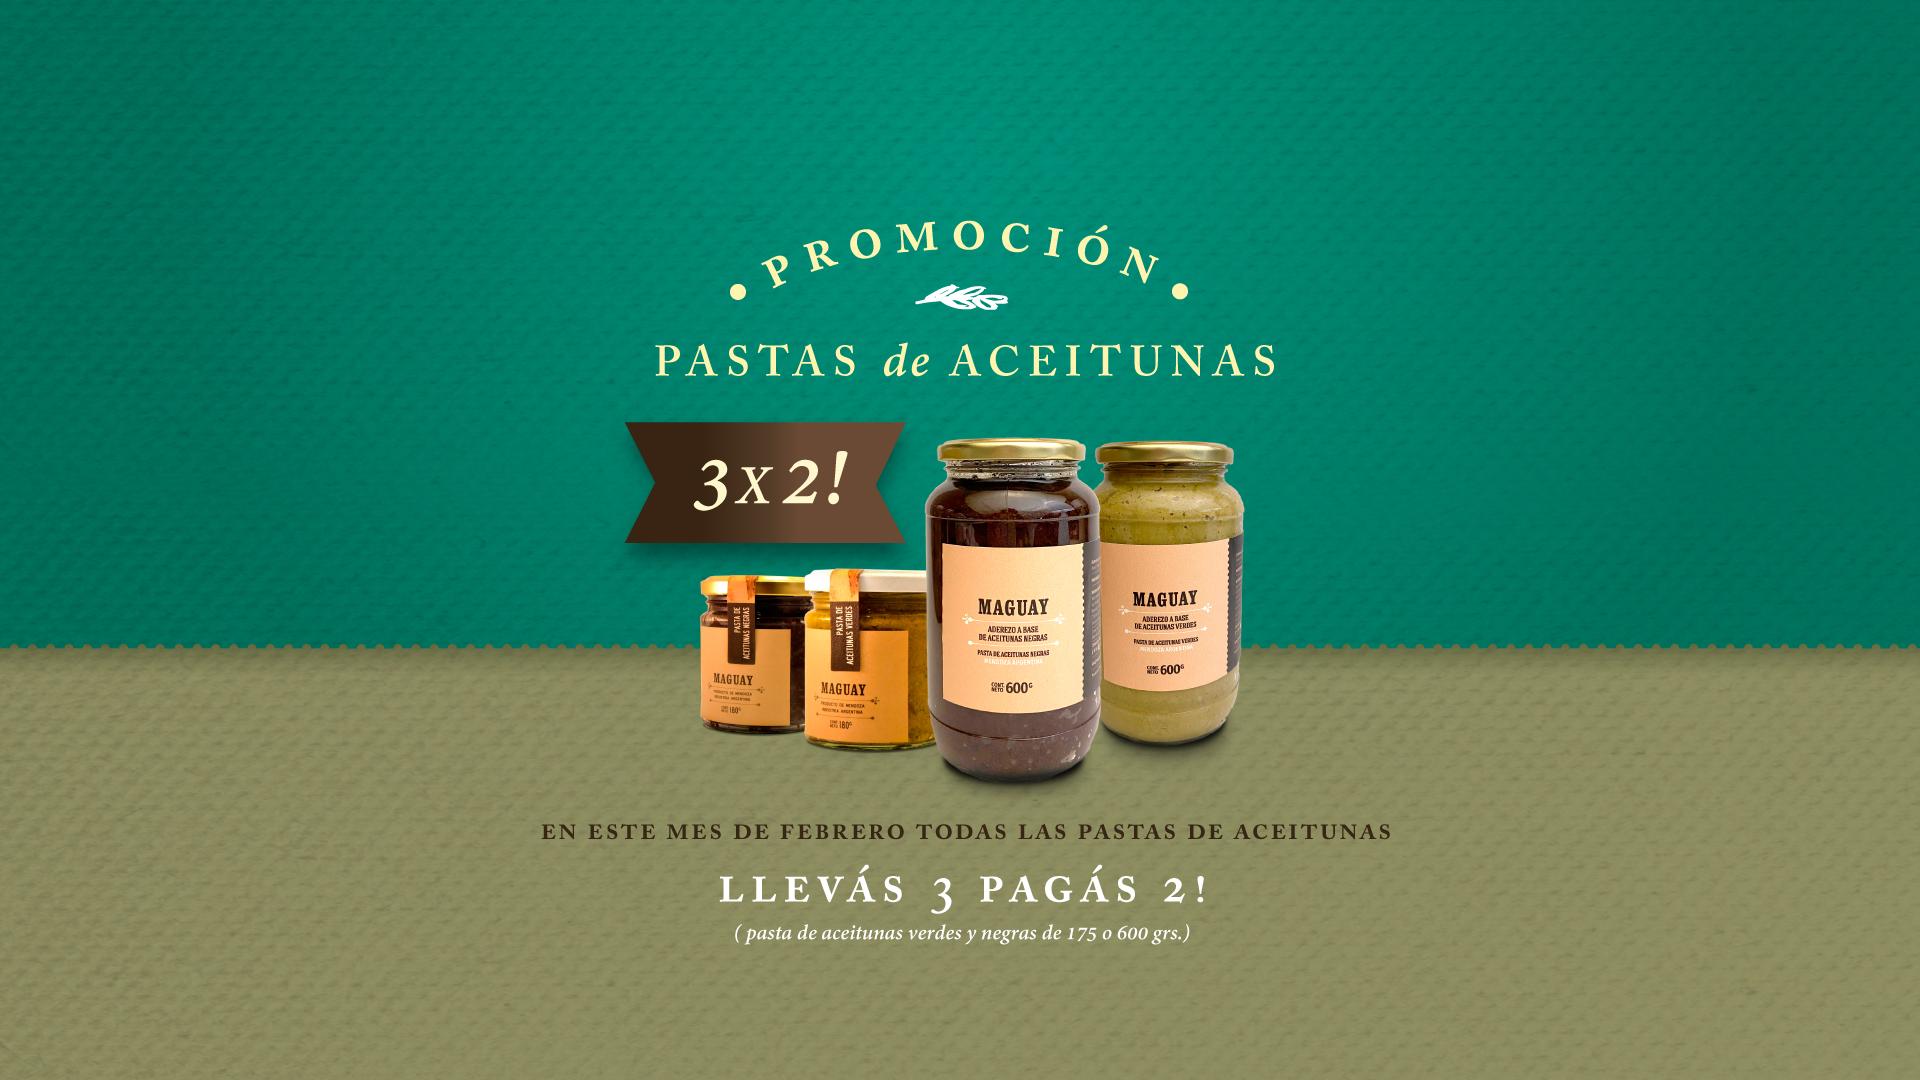 http://maguay.com.ar/es/promopasta